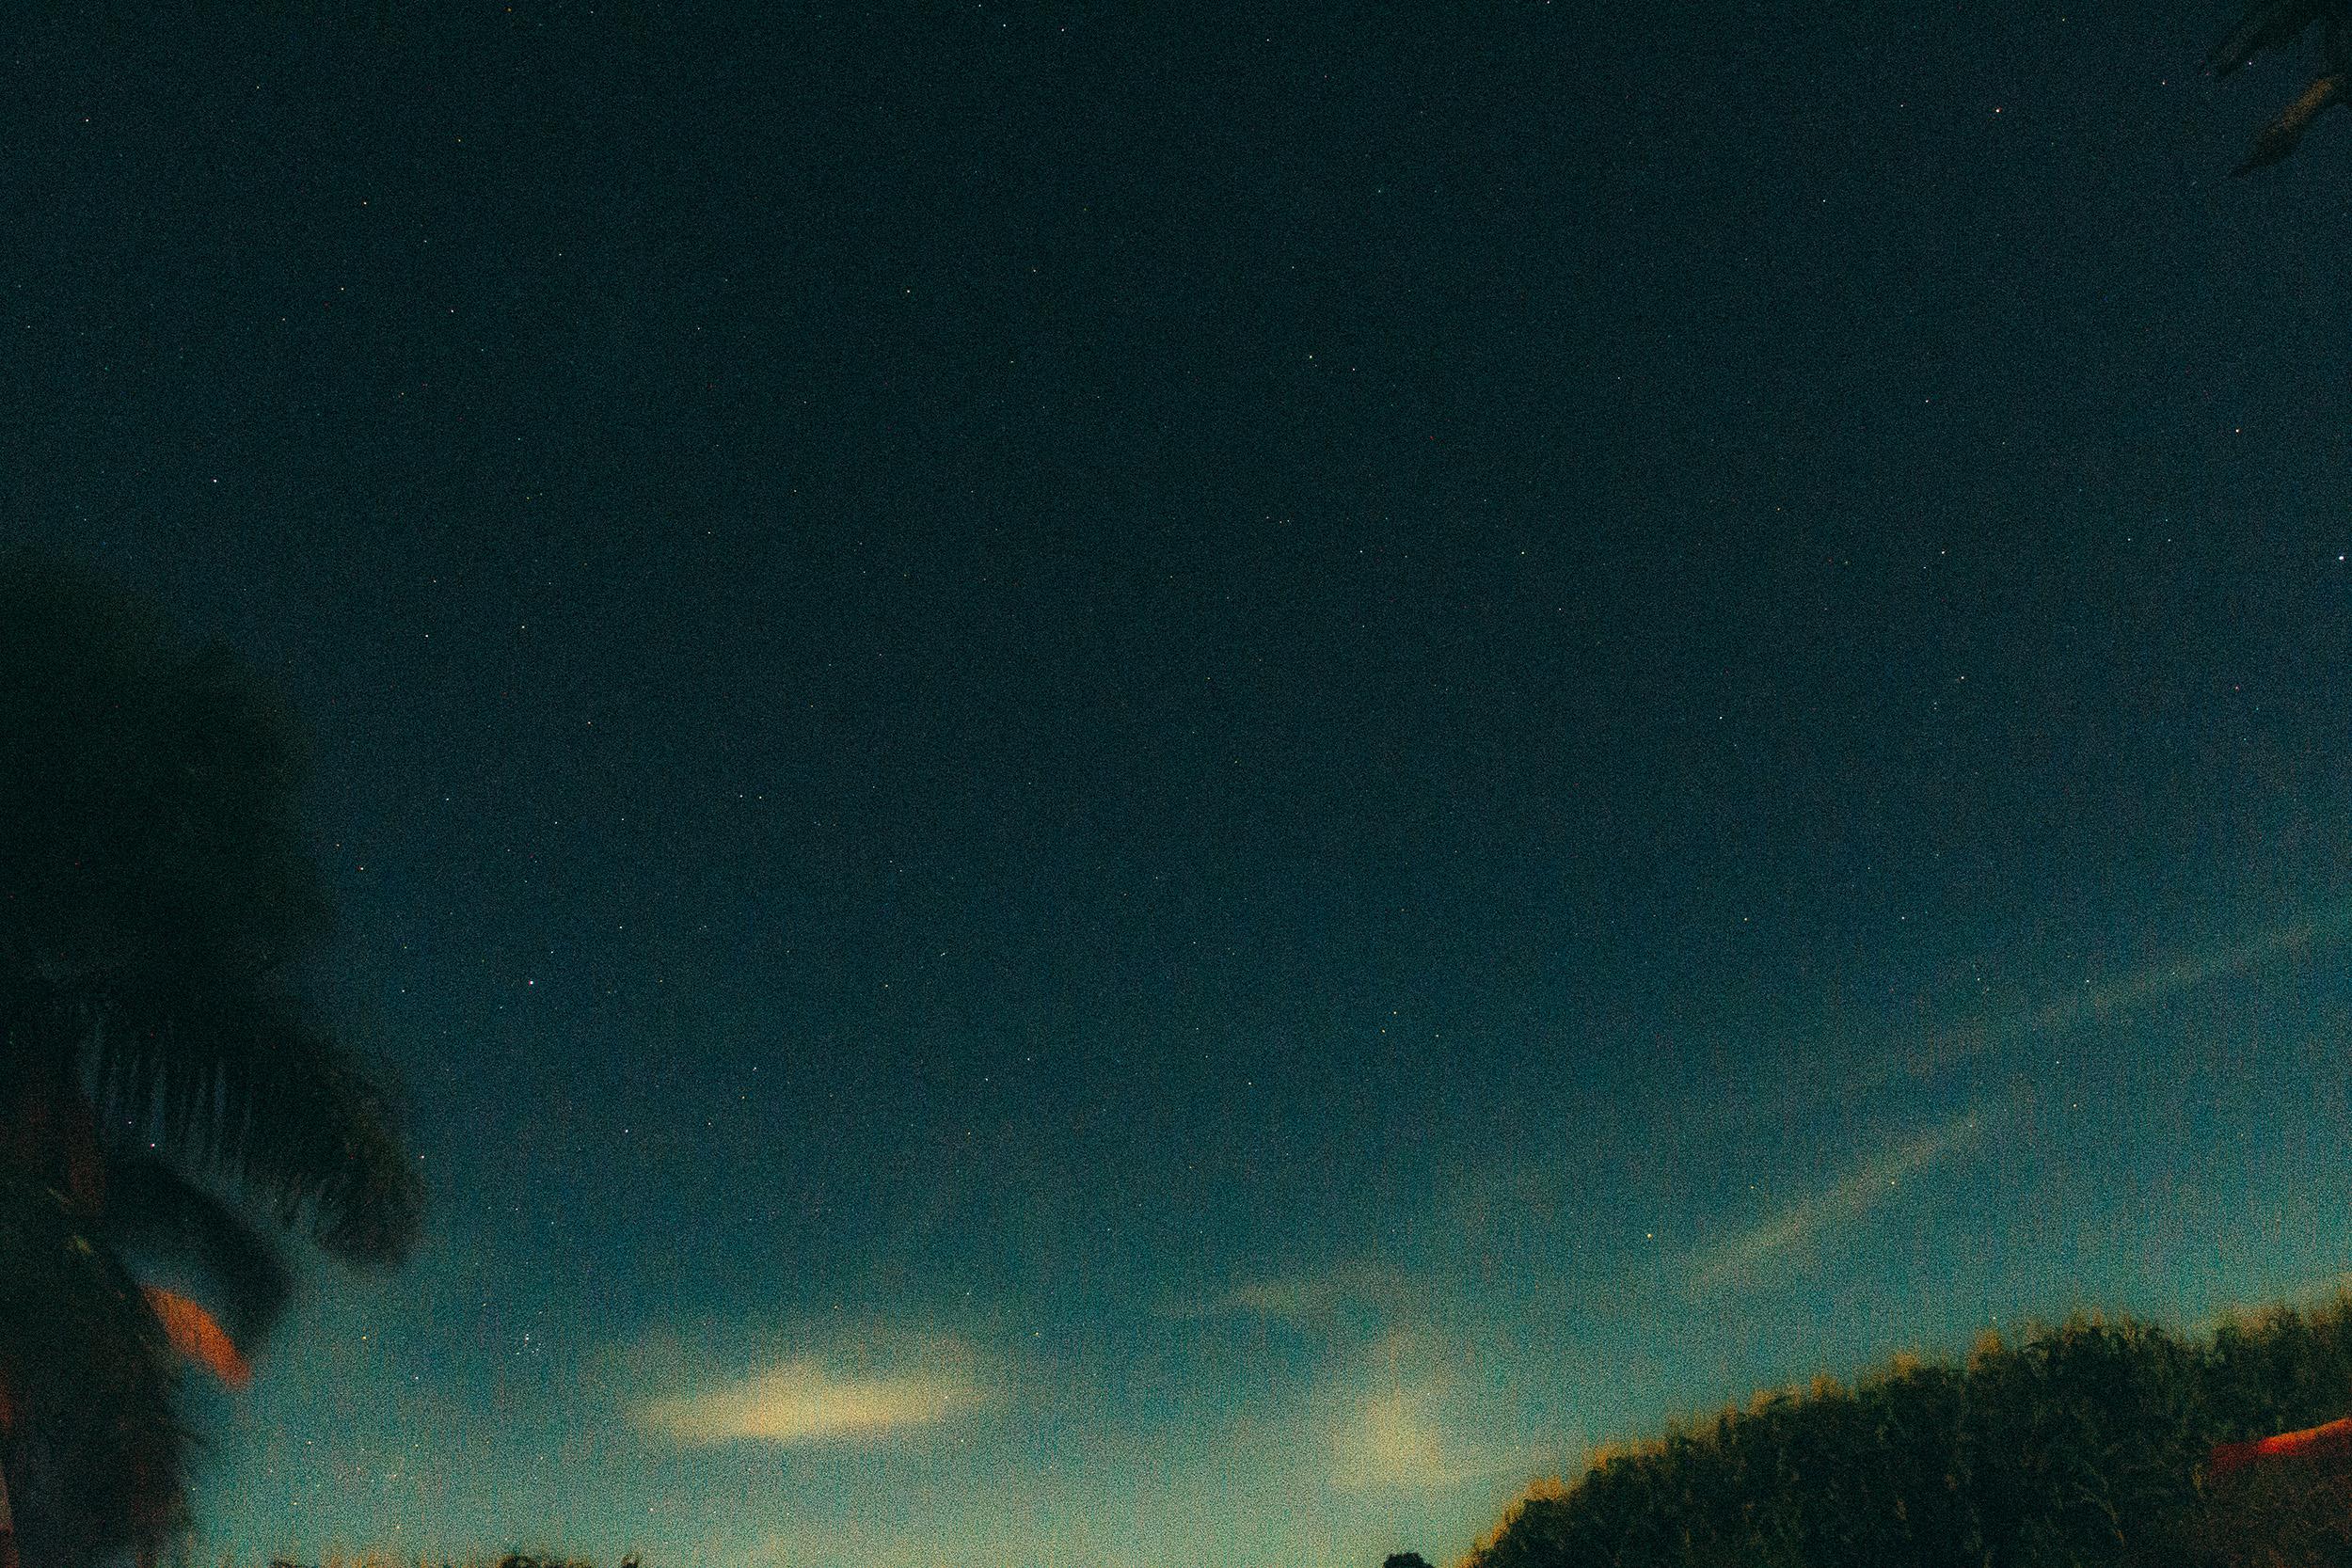 erechim noite interior paulo bento dezembro fotografia arte conceitual